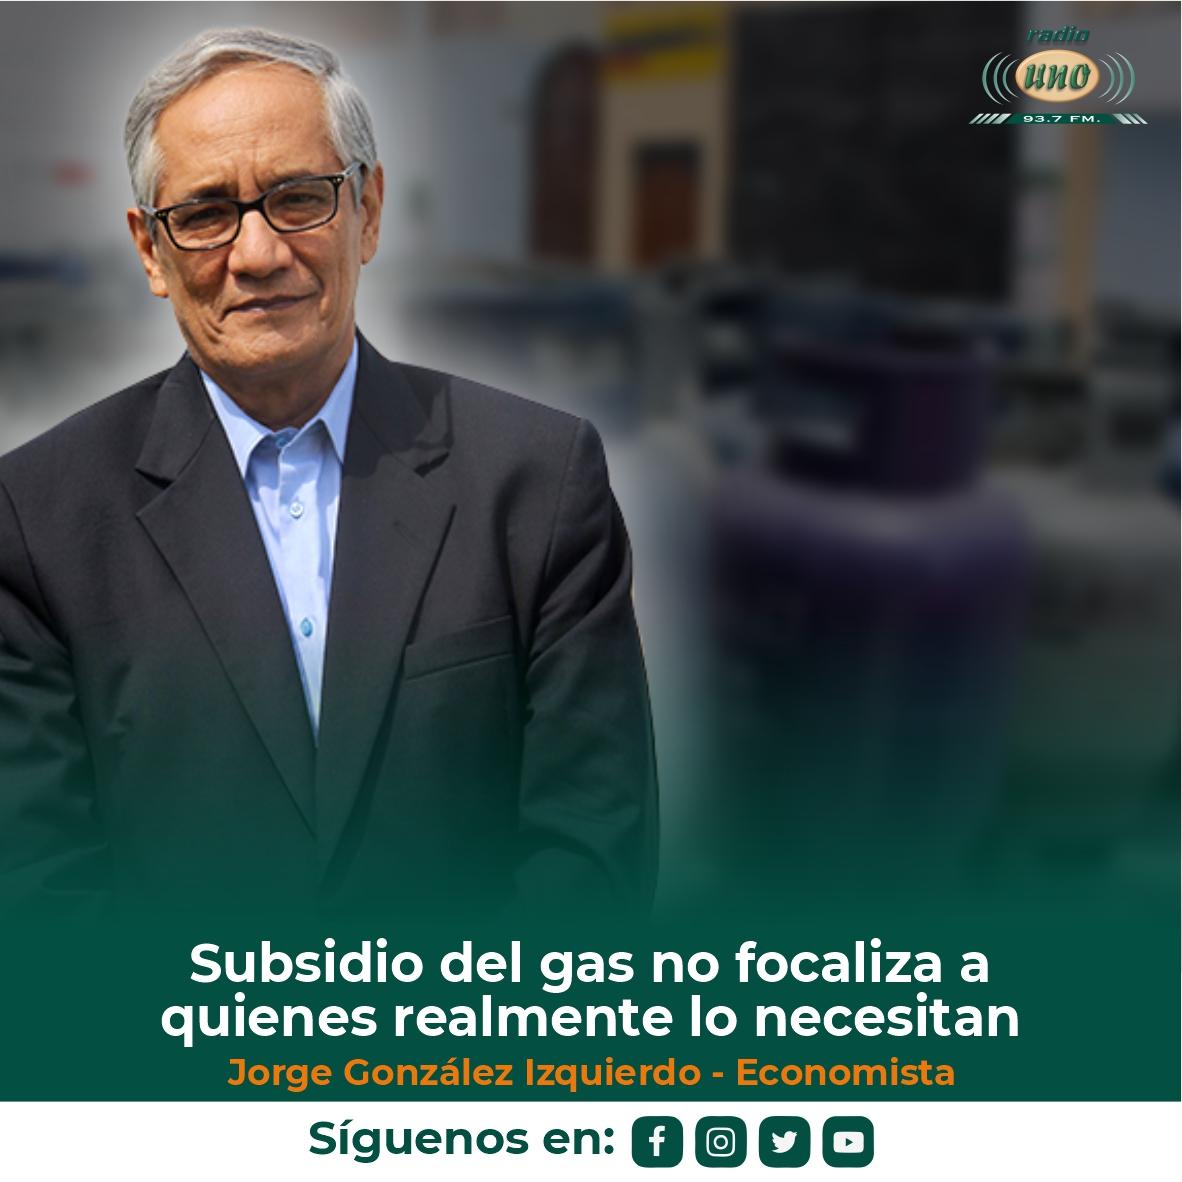 Subsidio del gas no focaliza a quienes realmente lo necesitan